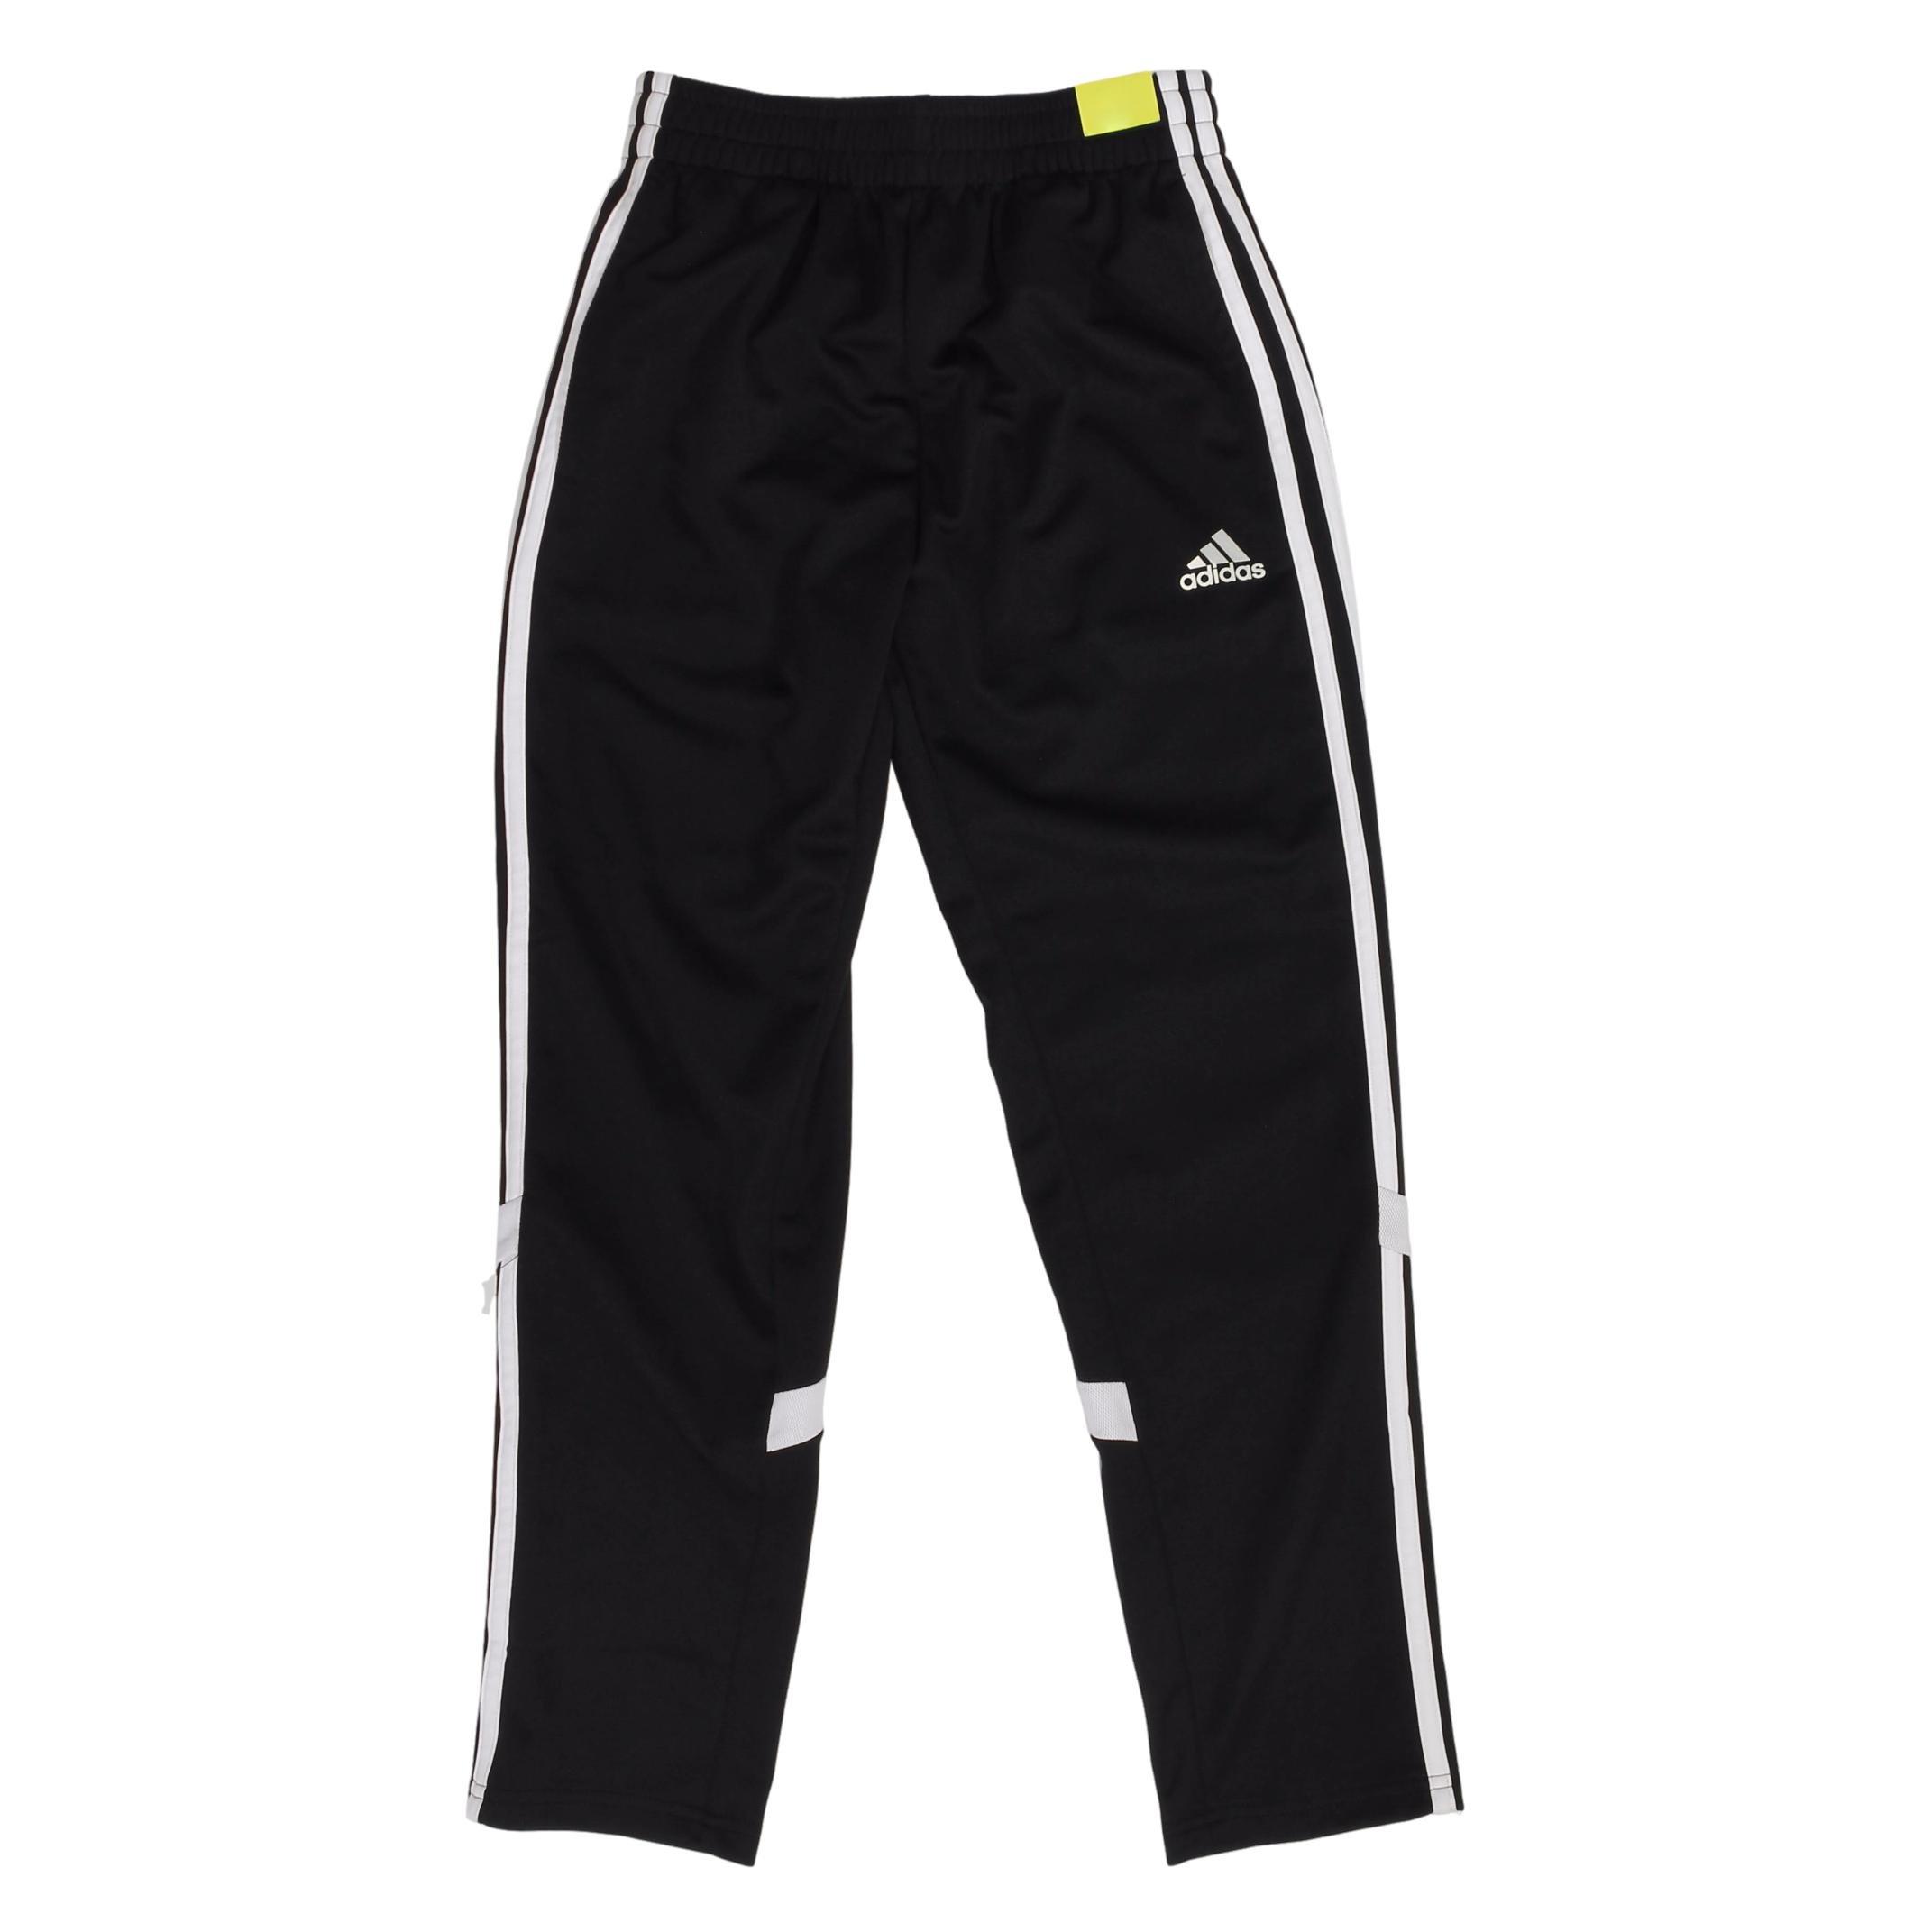 adidas Track Training Pants for Boys (Large / 14-16, Black/White)